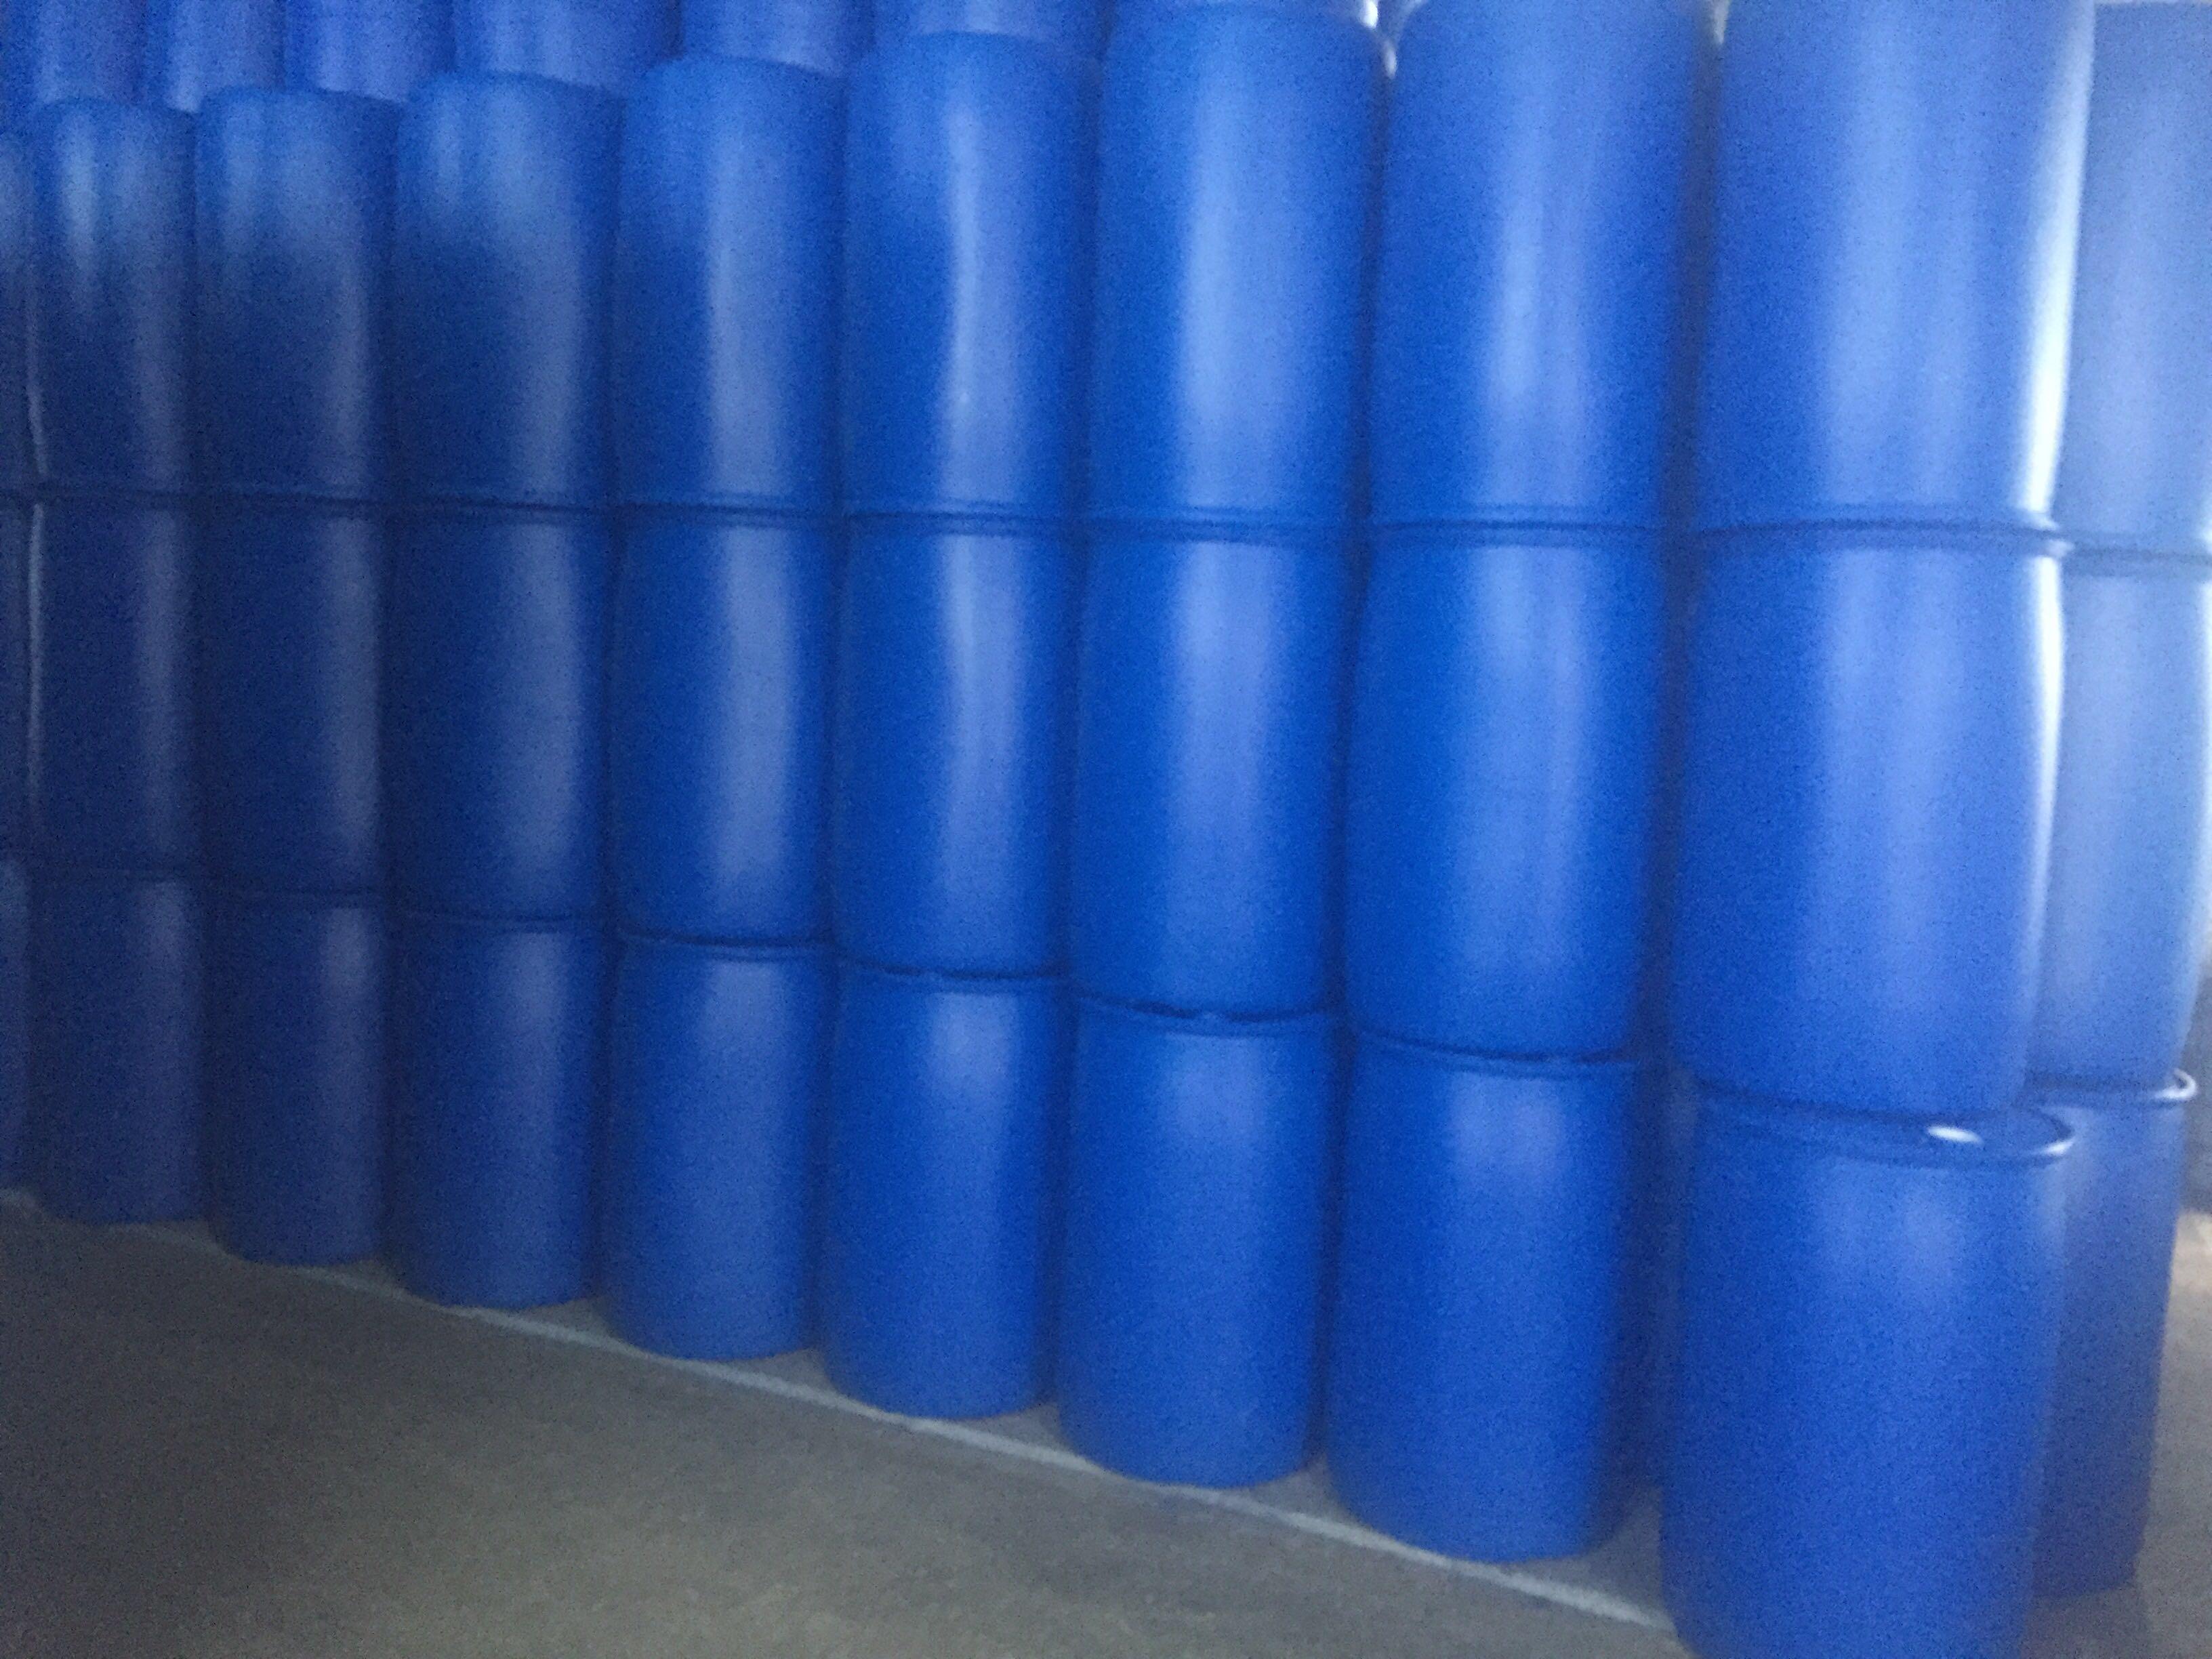 邯山供应200l塑料桶木糖醇塑料桶单环塑料桶